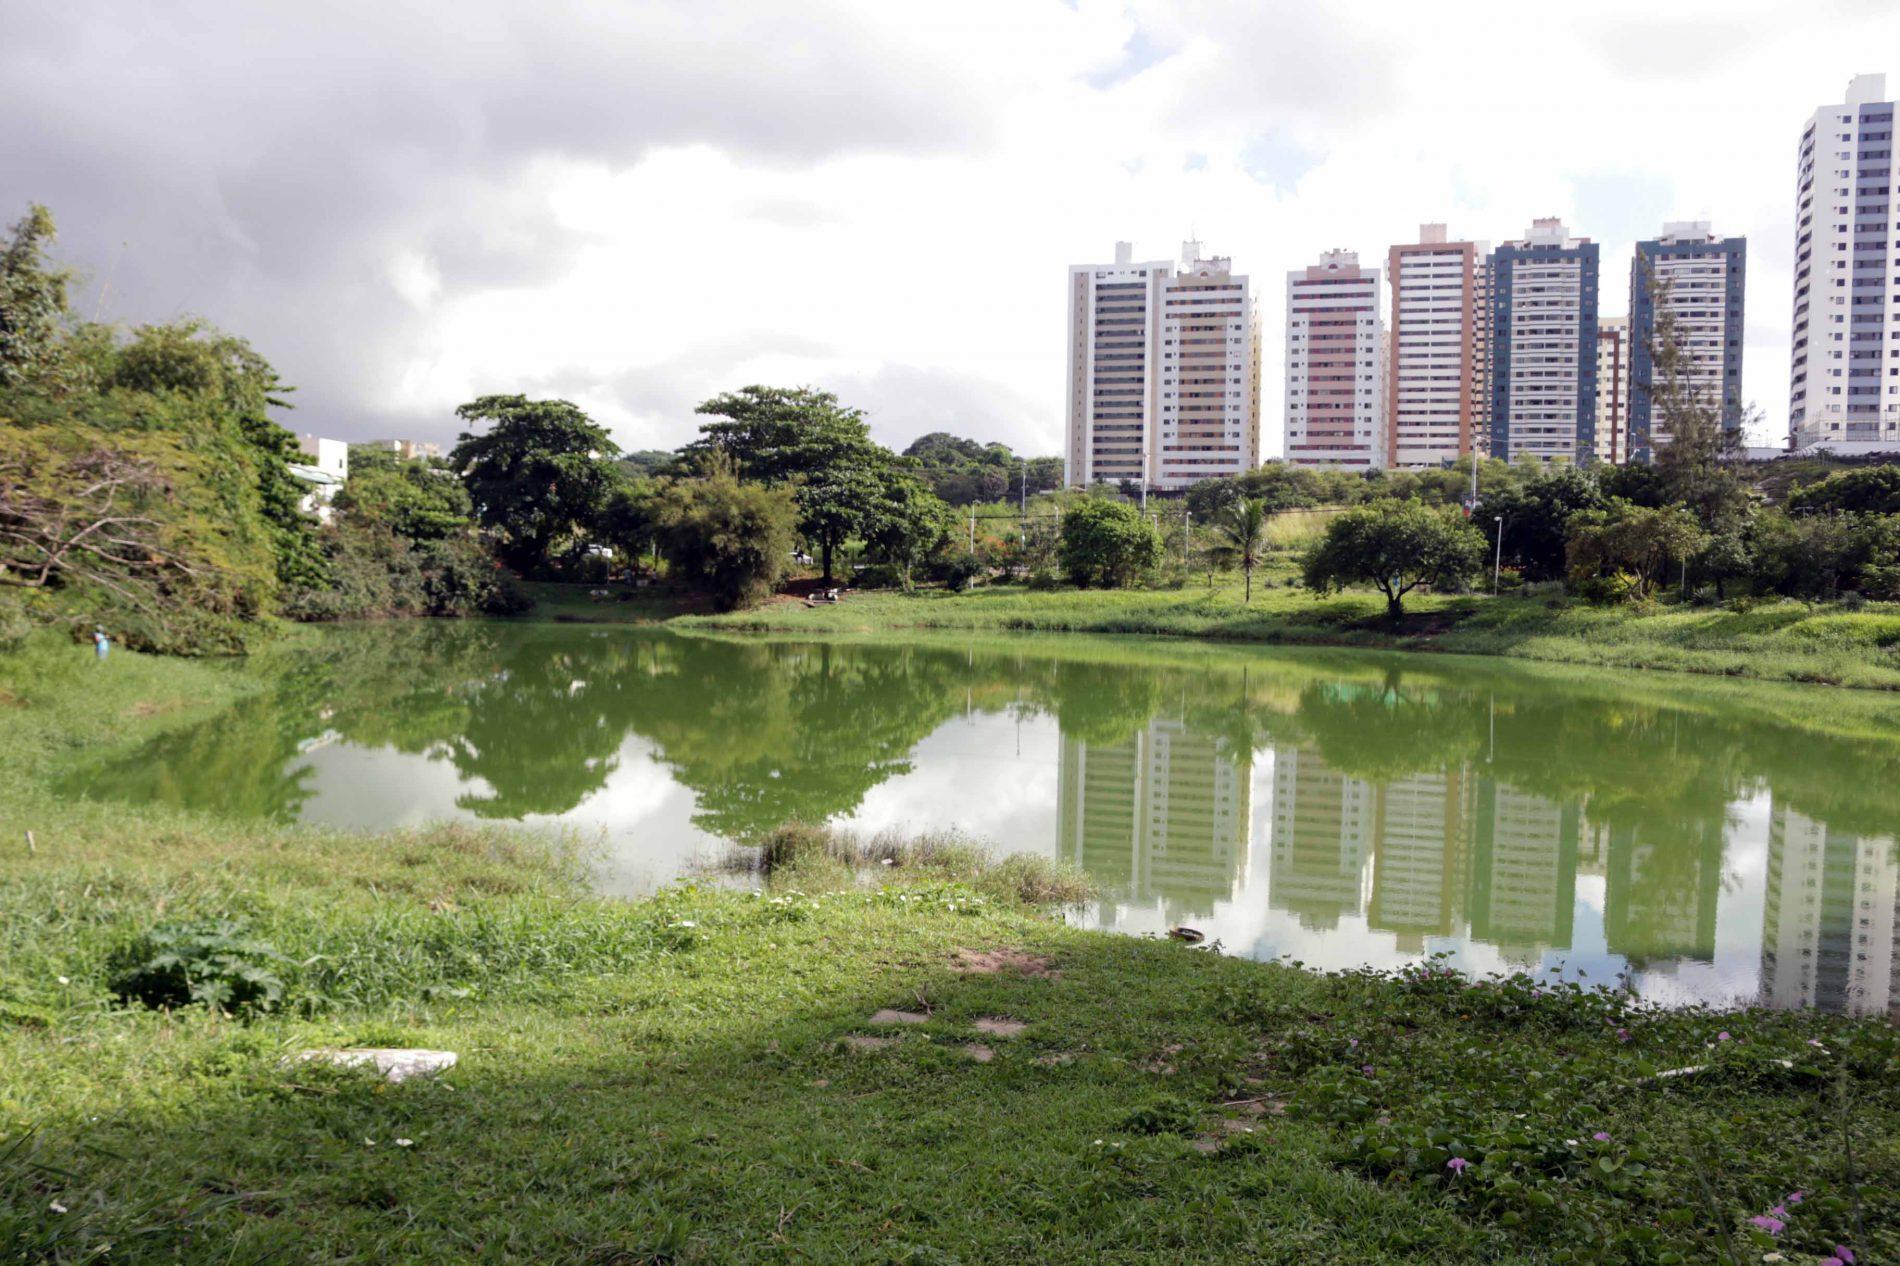 Salvador: Prefeitura inicia nesta quinta requalificação da Lagoa dos Pássaros